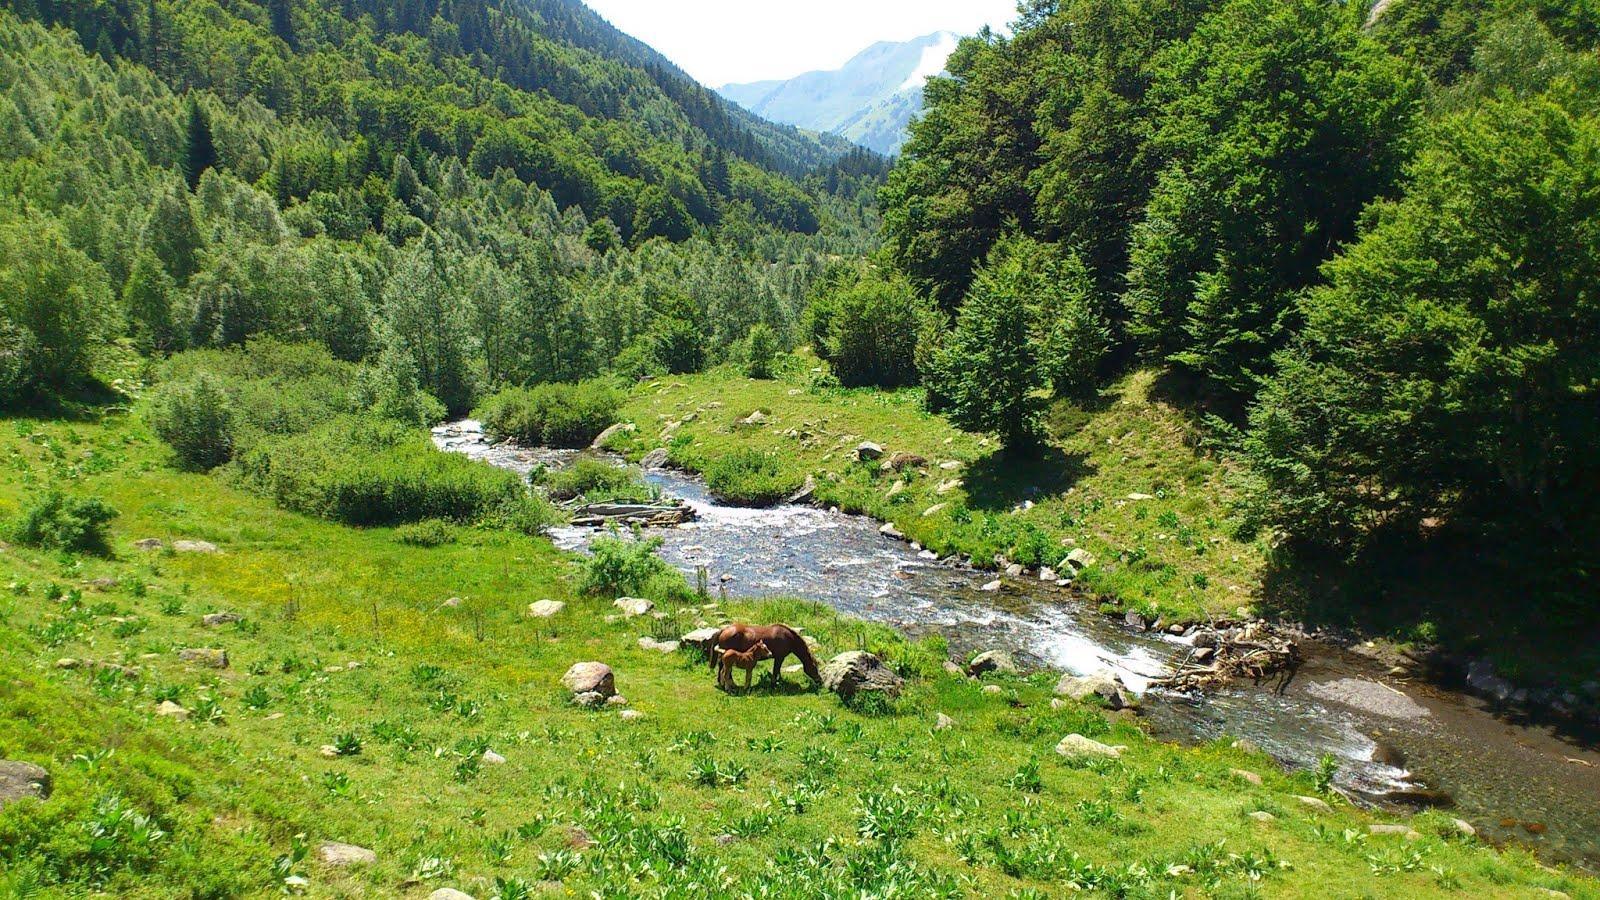 Río con caballos